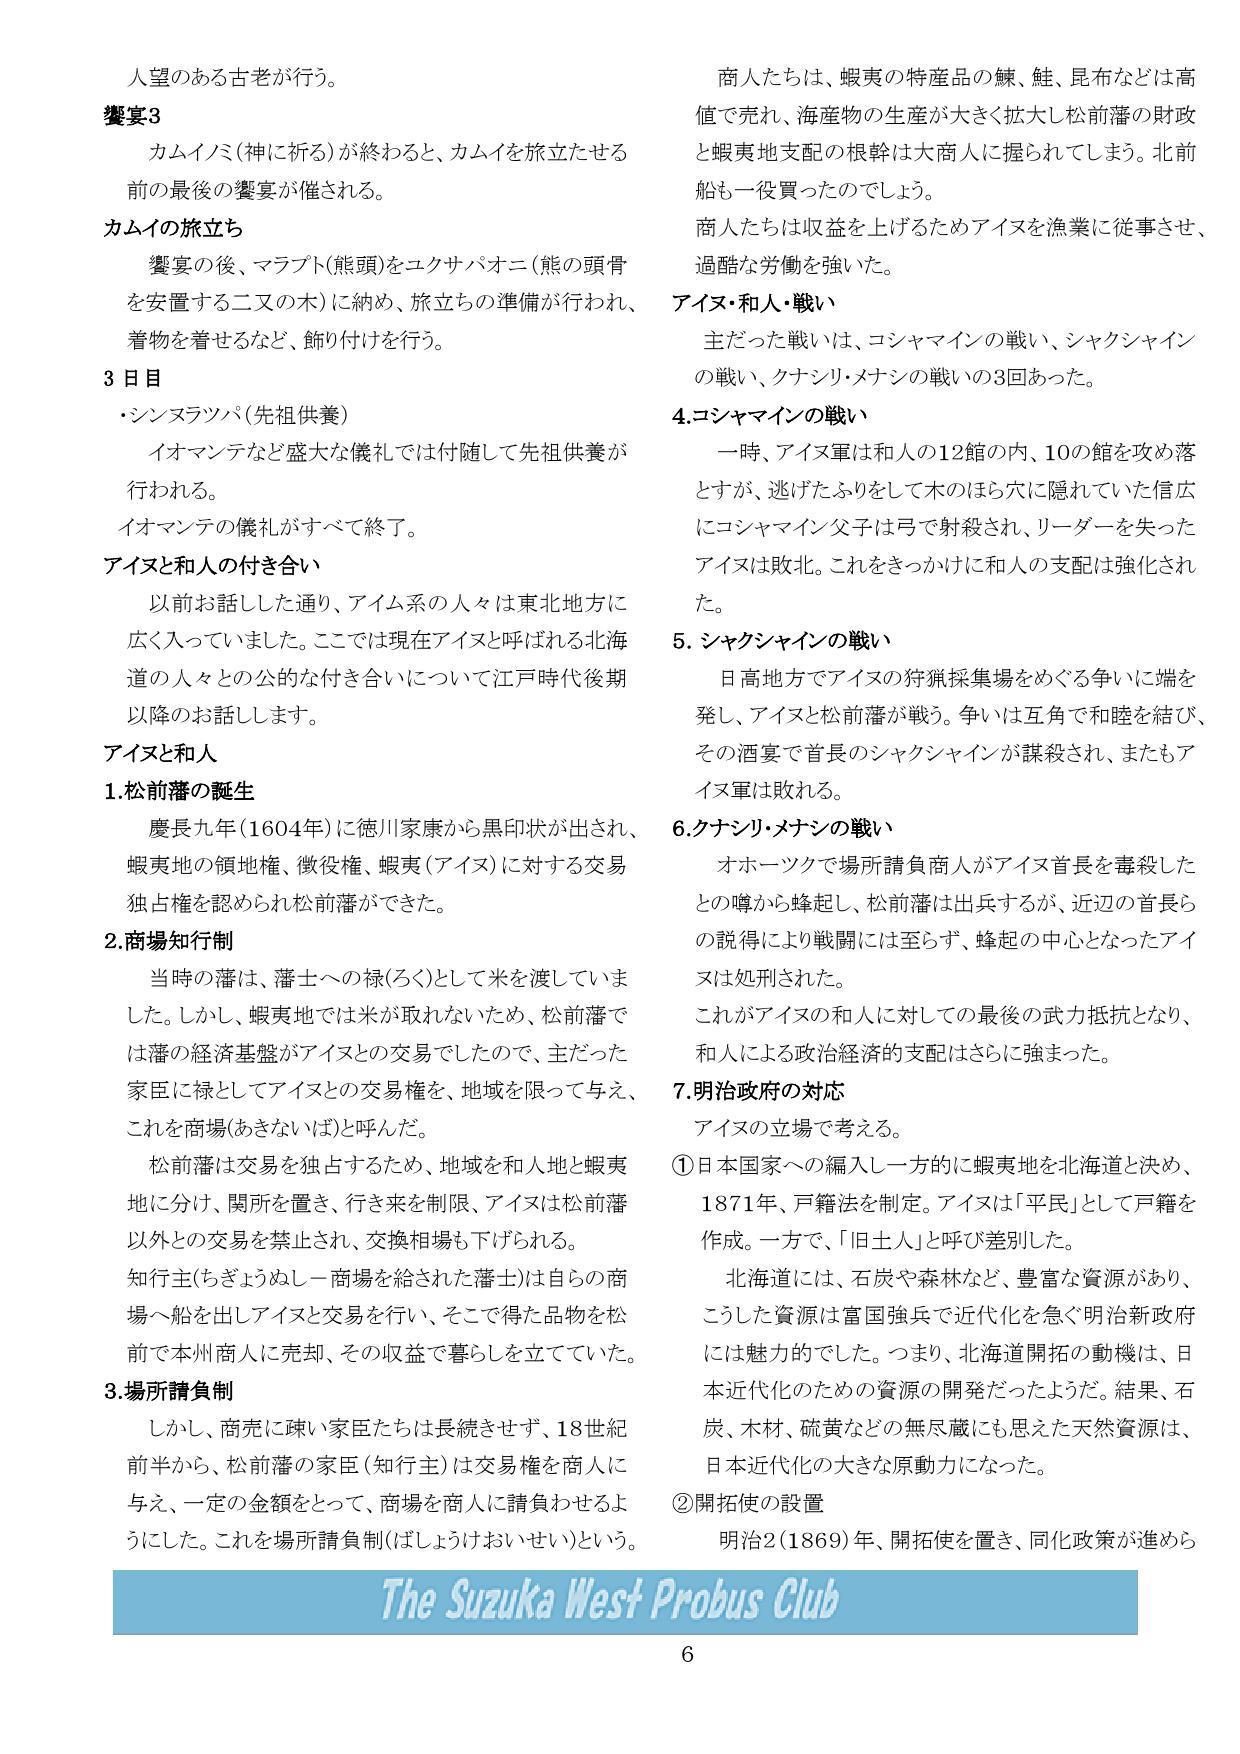 鈴鹿西プロバスクラブ会報 第248号 2021年5月1日_b0000714_10554526.jpg